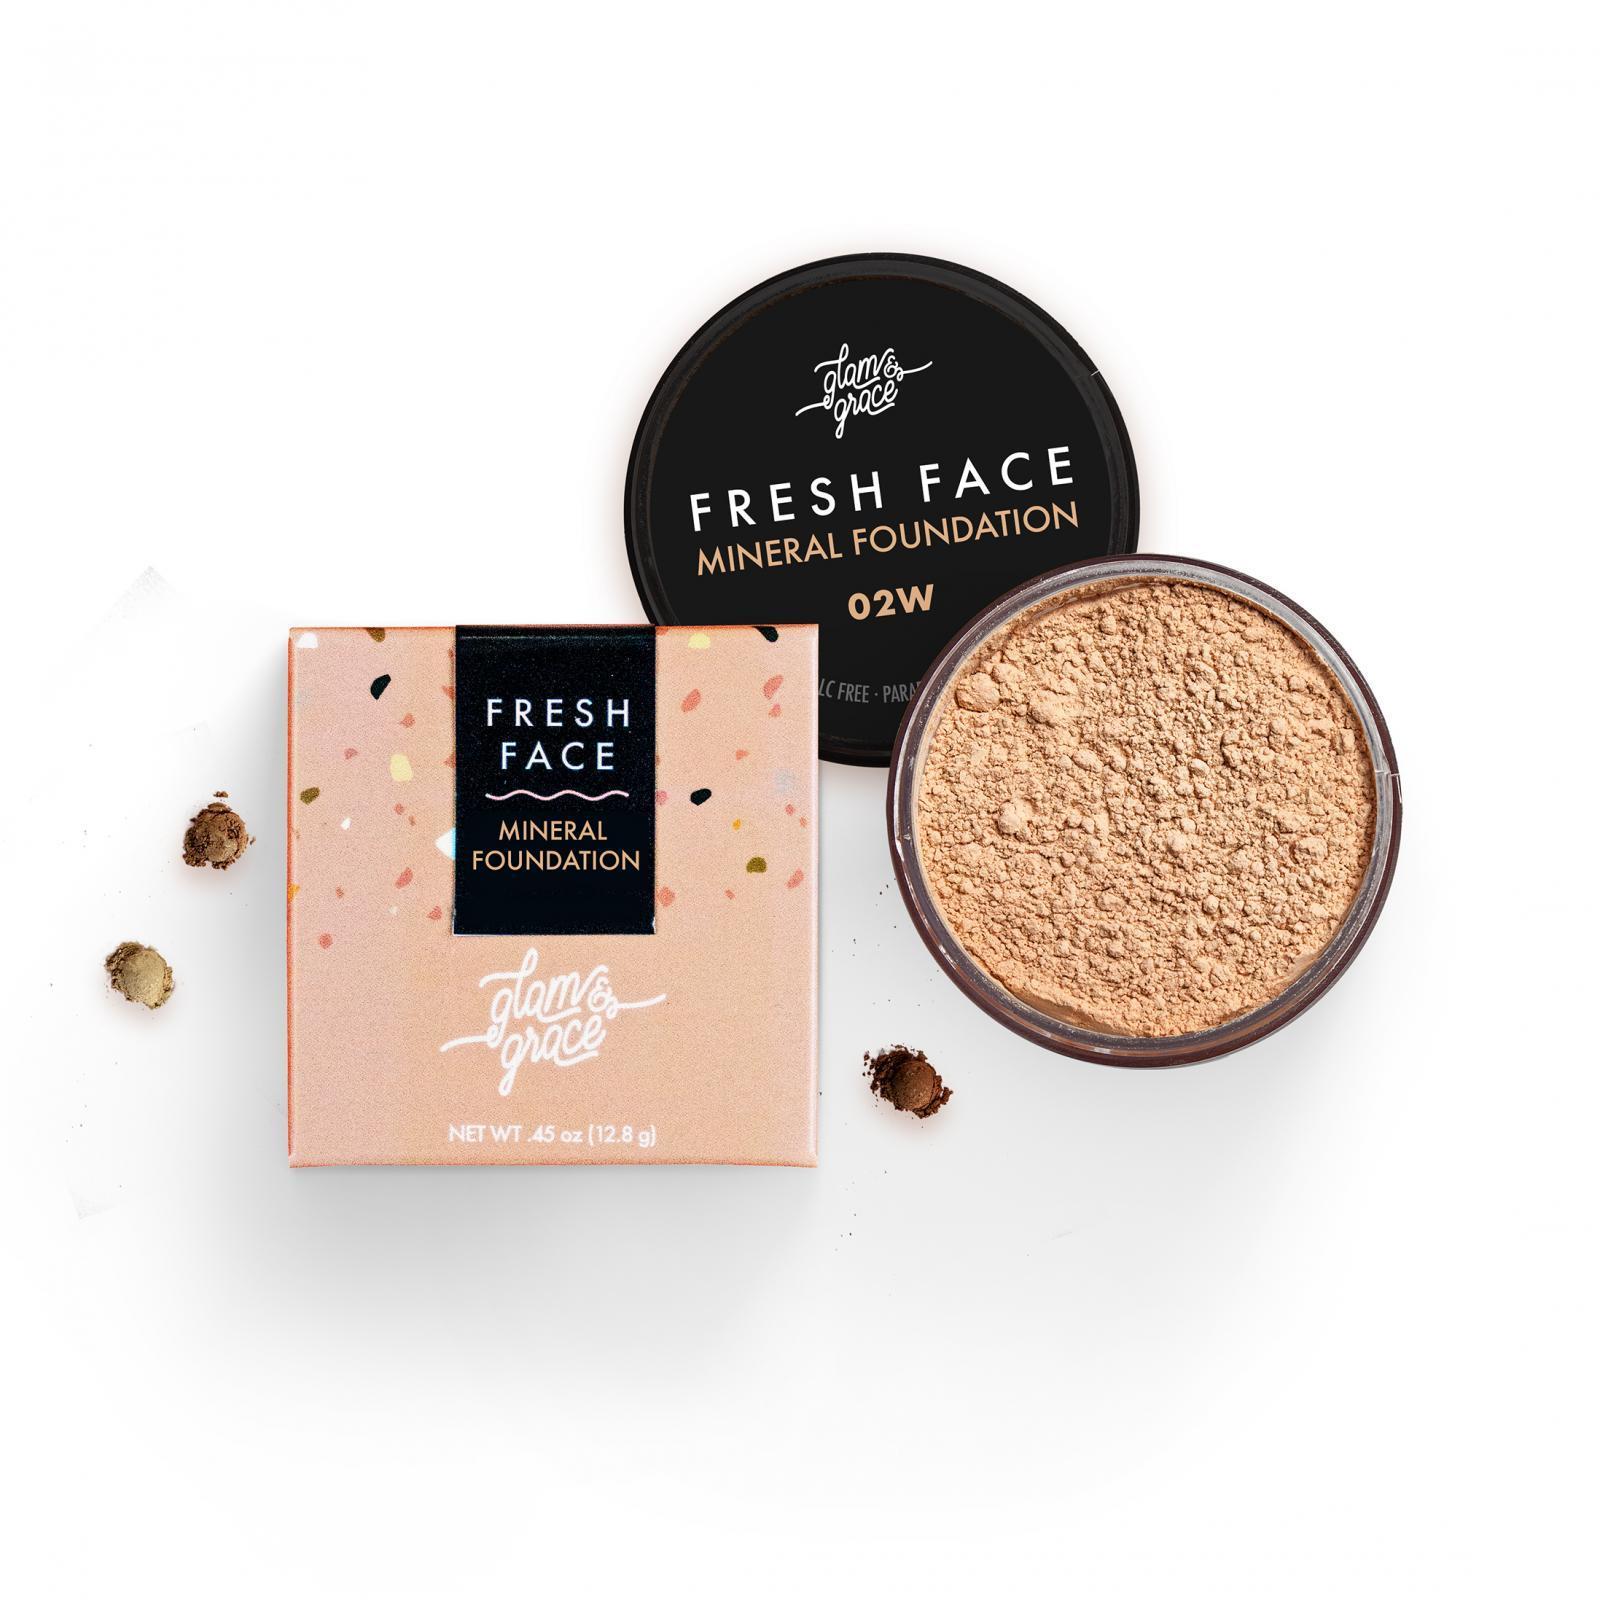 FRESH Face Mineral Foundation Powder - Beige 02W